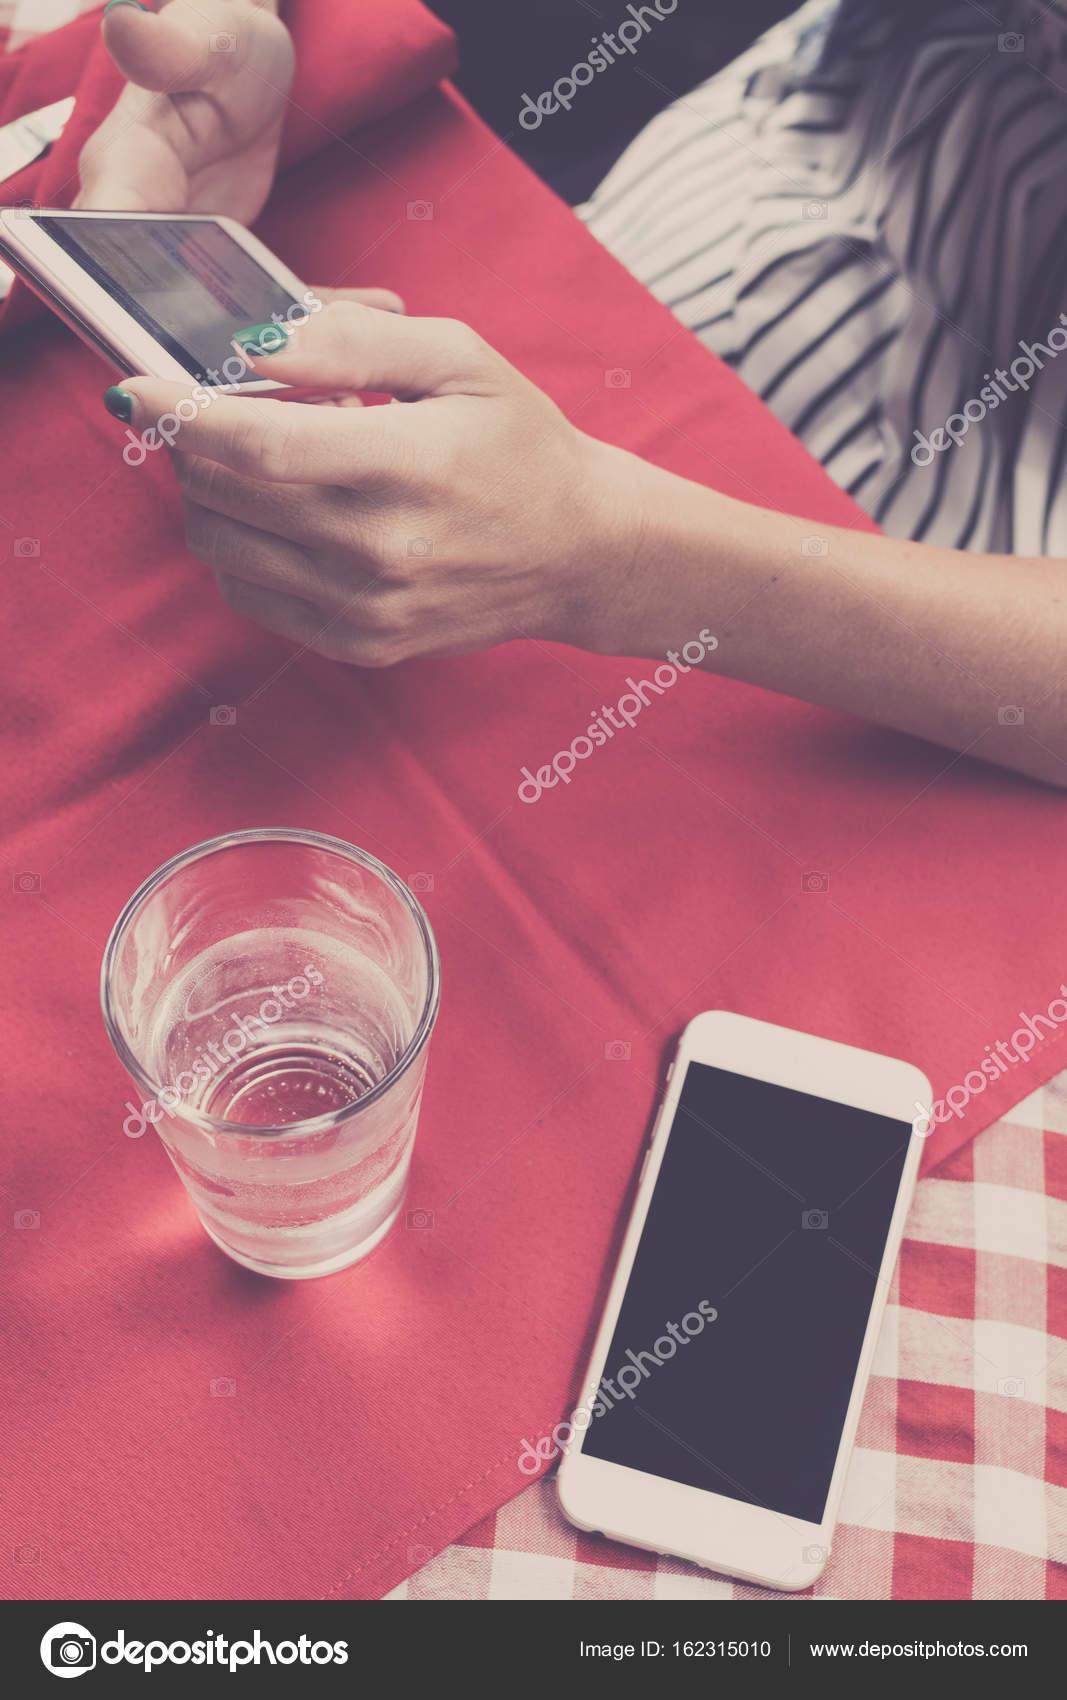 1e65e1f35e7705 Immagine di mockup di bianco cellulare con schermo bianco in bianco su  sfondo rosso nel ristorante.